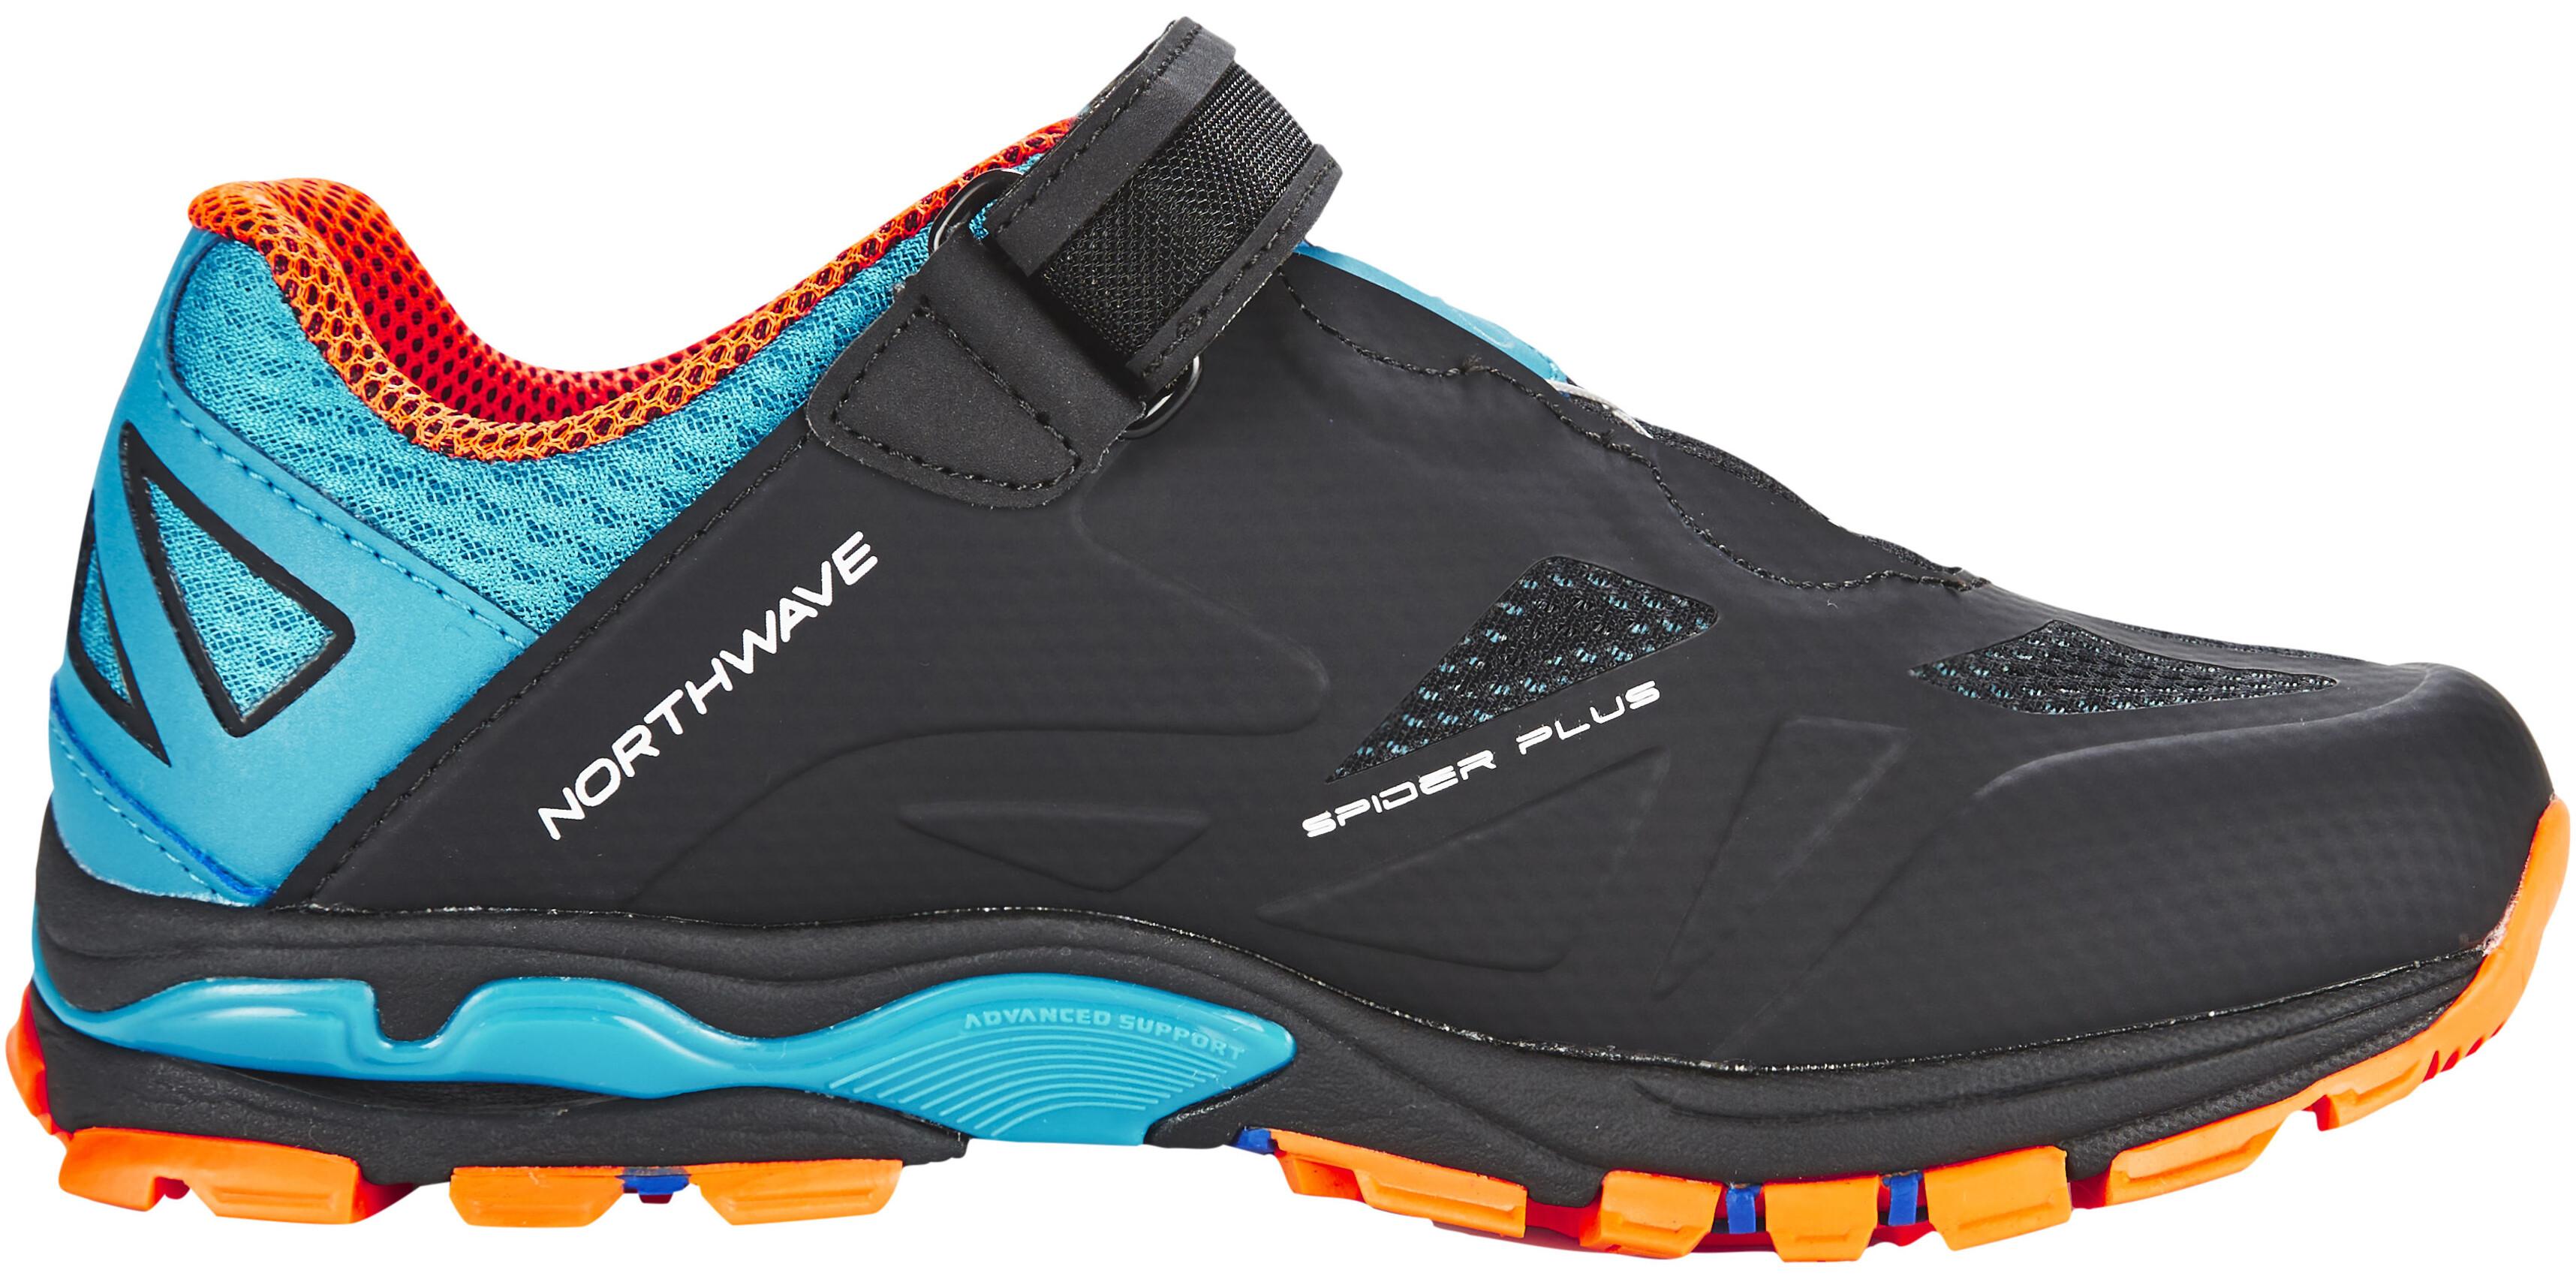 99a4fe8e191 Northwave Spider Plus 2 - Chaussures Homme - orange noir - Boutique ...